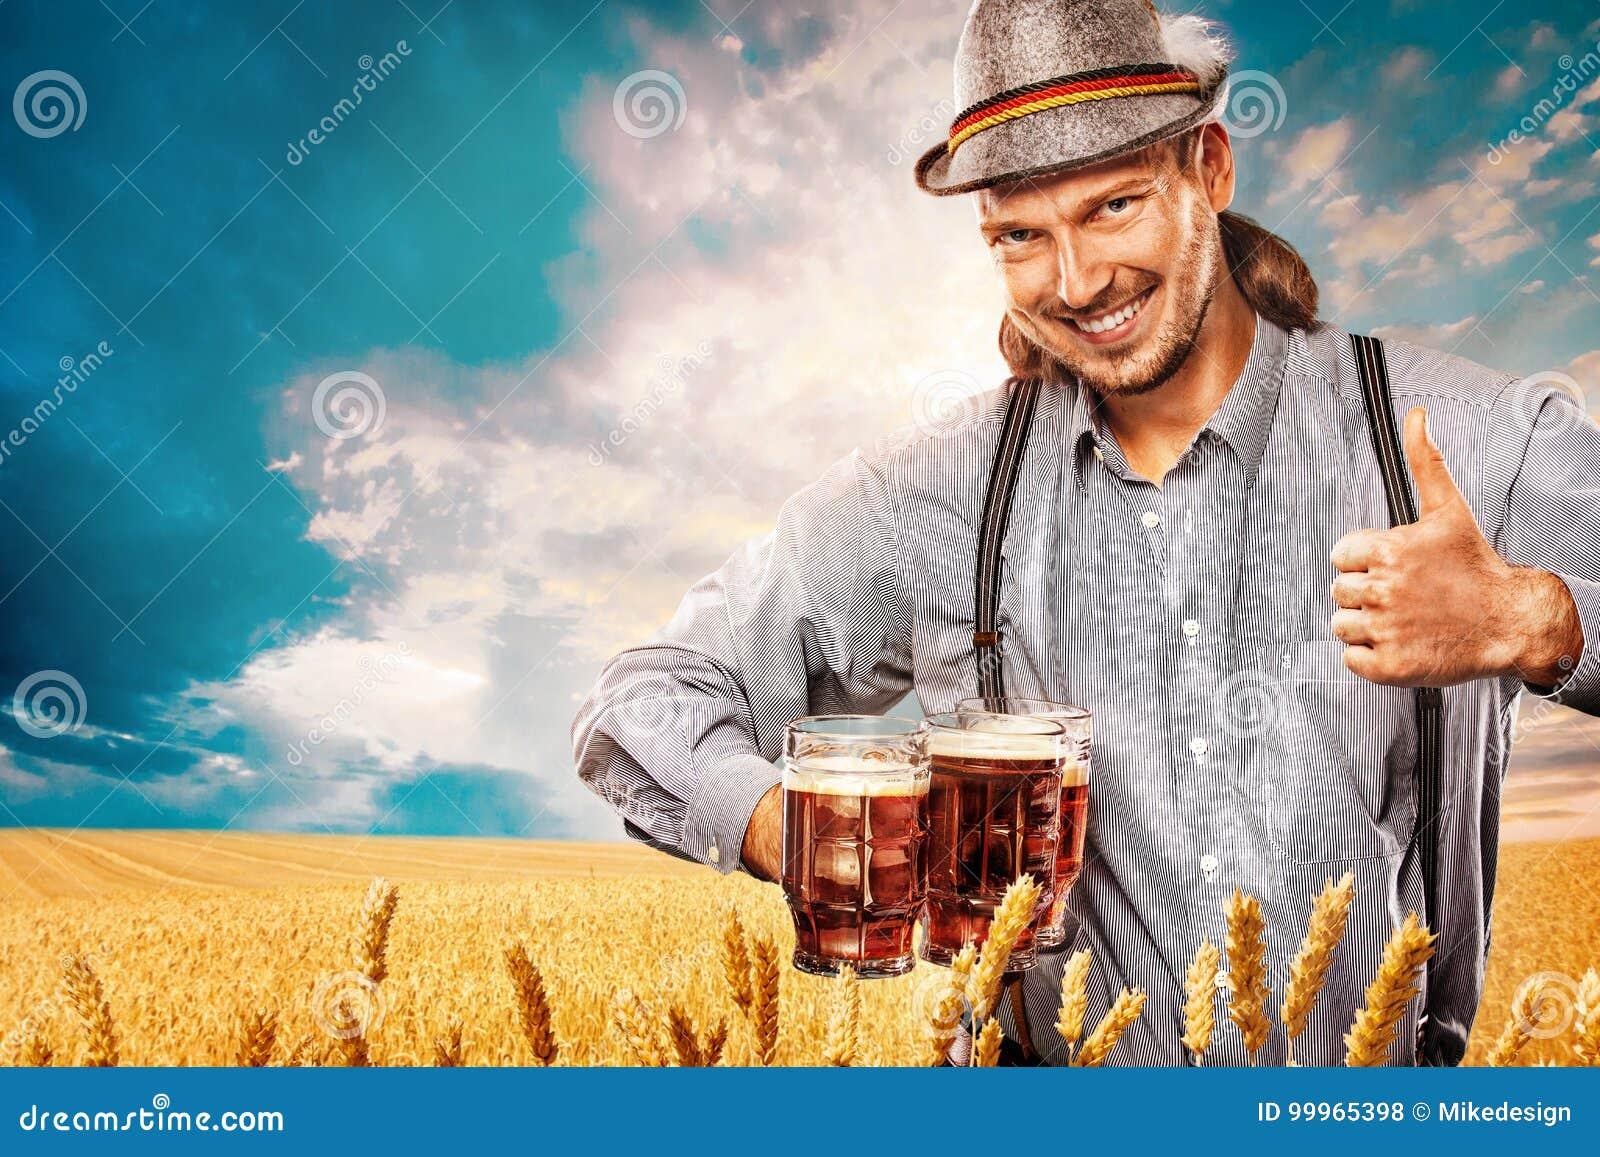 Retrato del hombre de Oktoberfest, el llevar ropa bávara tradicional, tazas de cerveza grandes de servicio